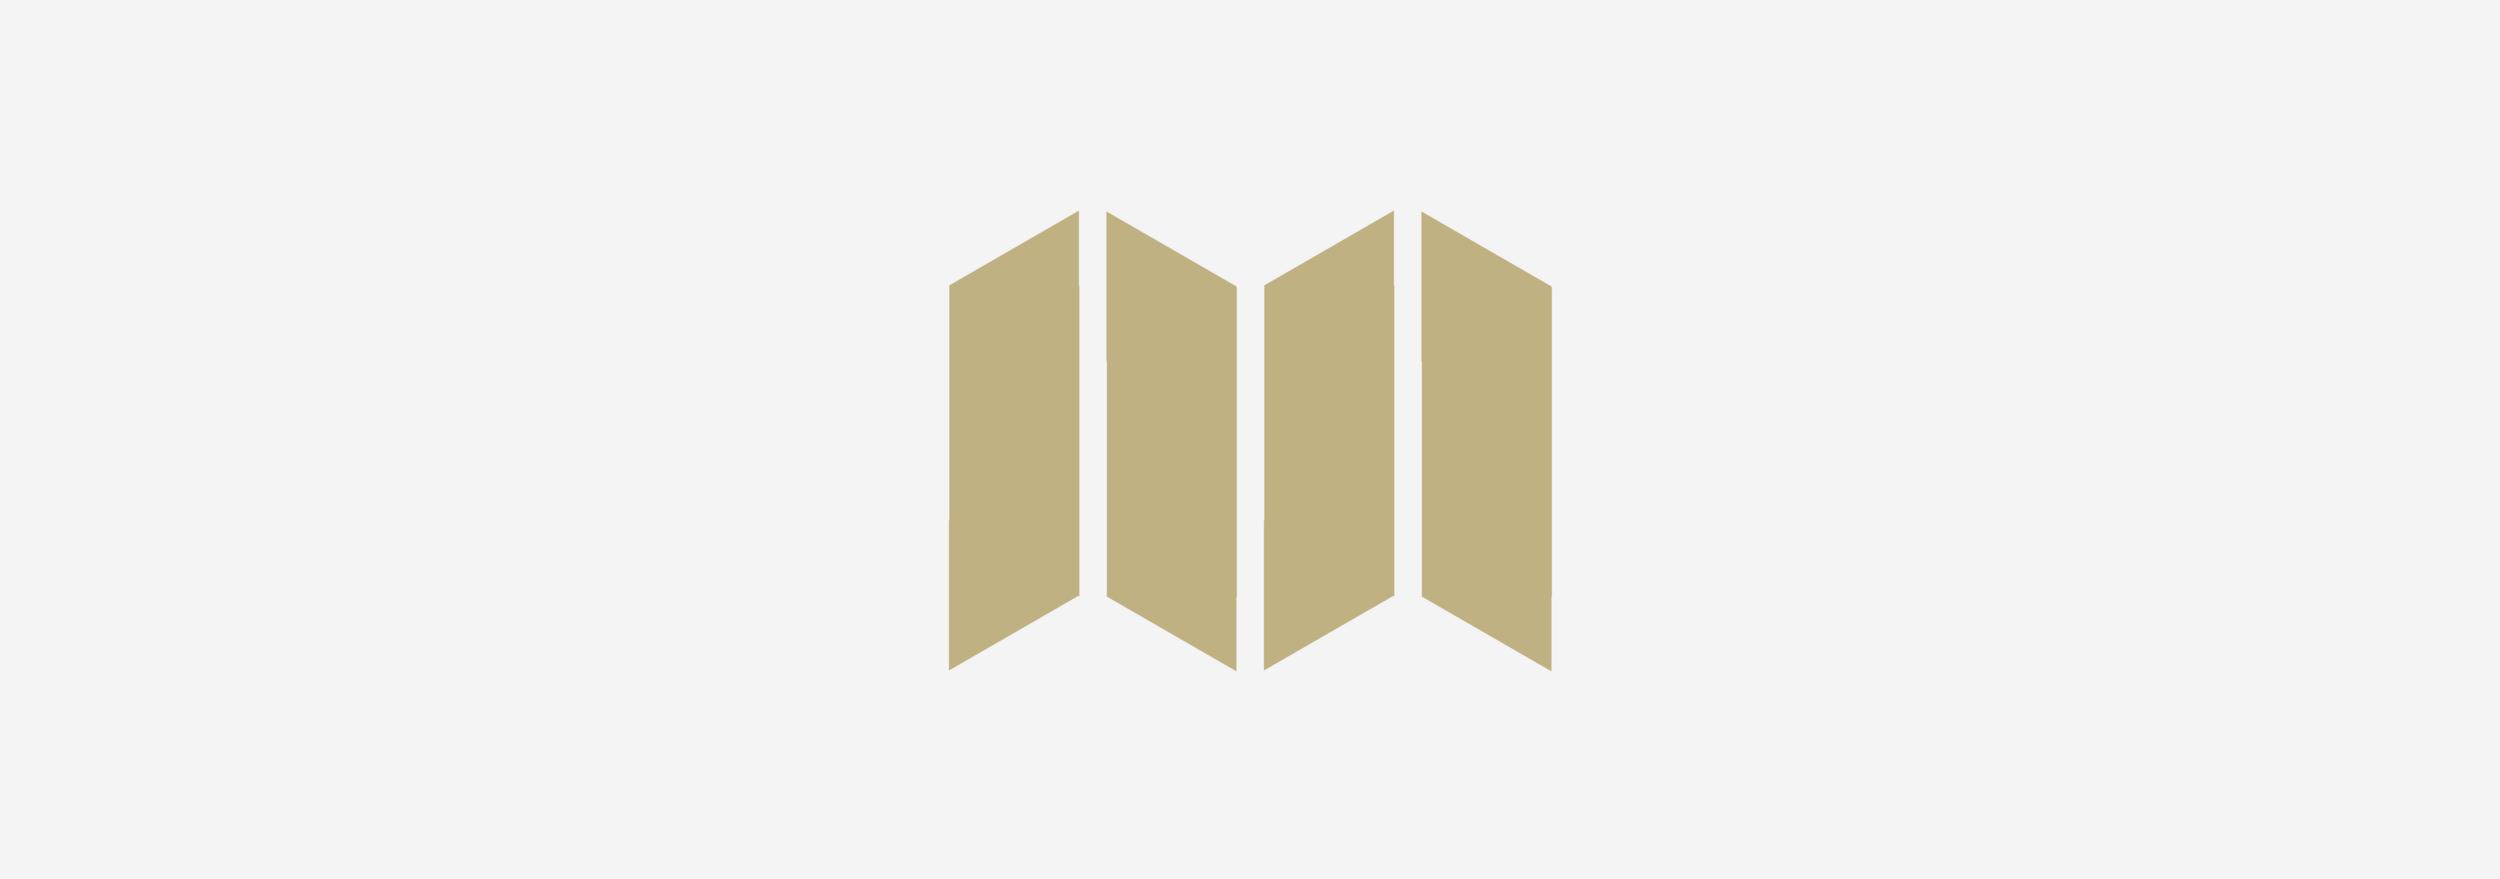 Musician's Map gold logo